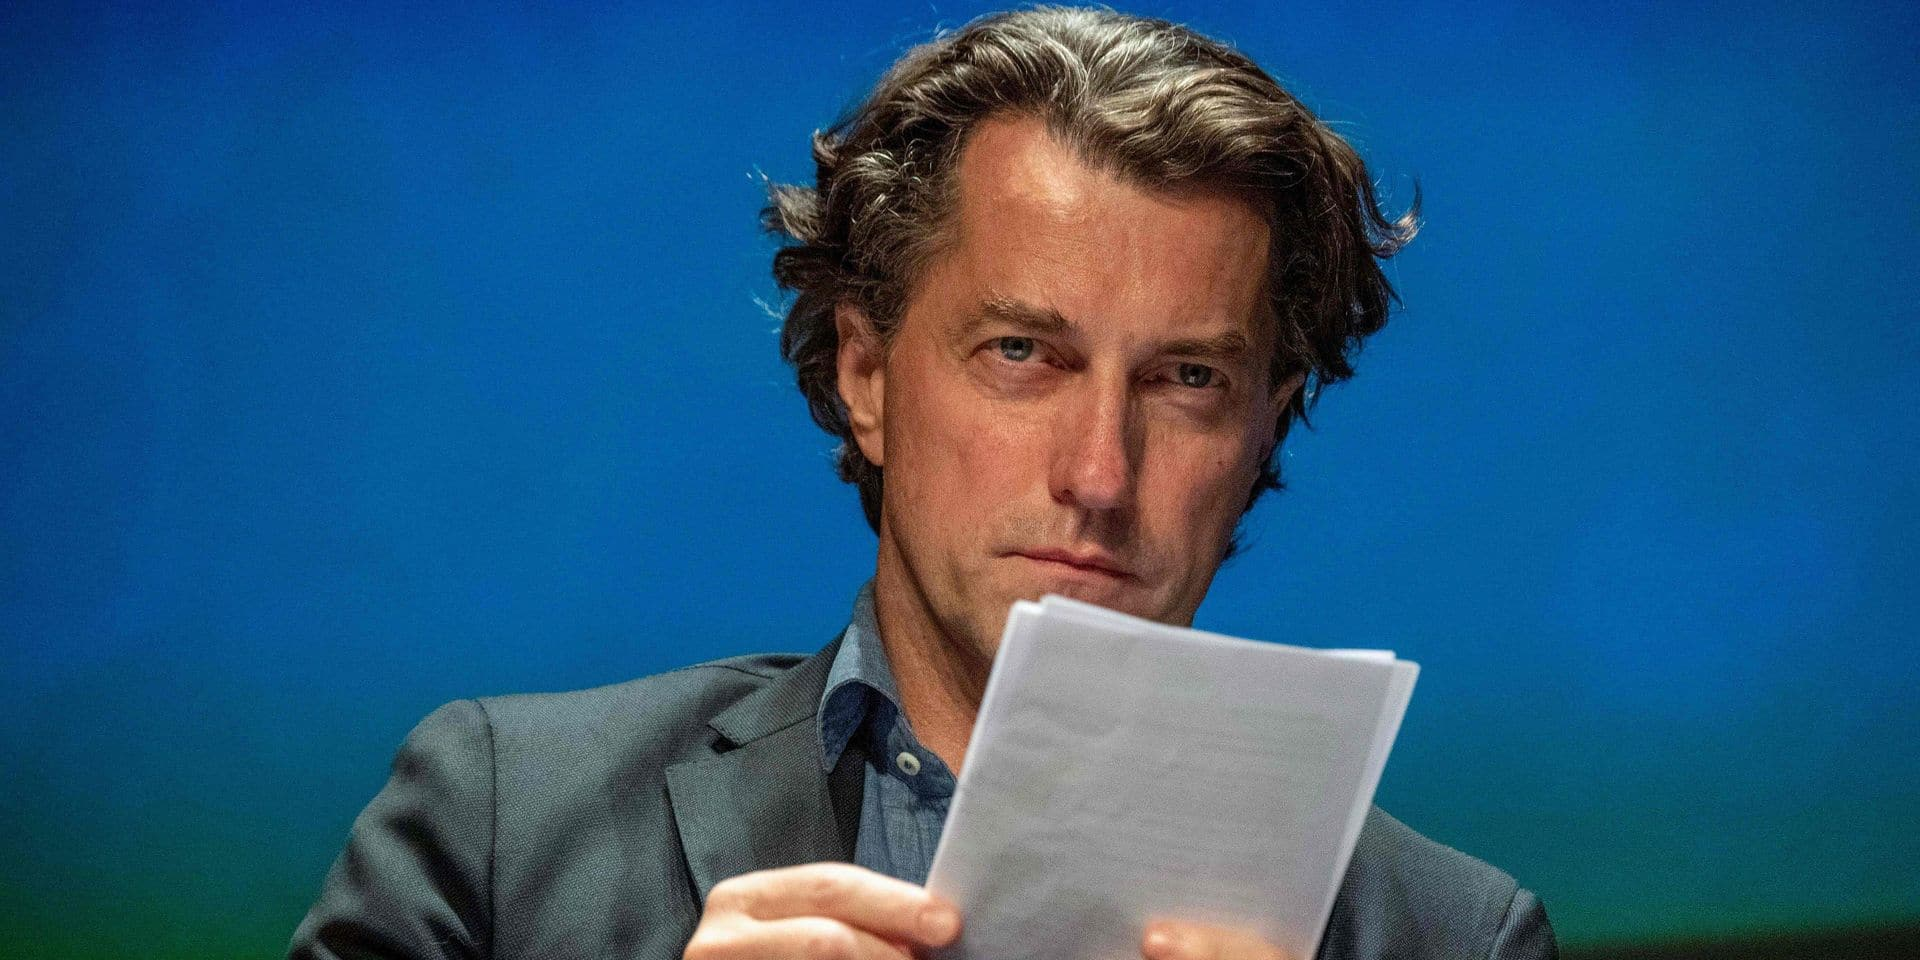 Une information judiciaire pour agression sexuelle et tentative de viol ouverte contre le grand patron du cinéma français, Dominique Boutonnat